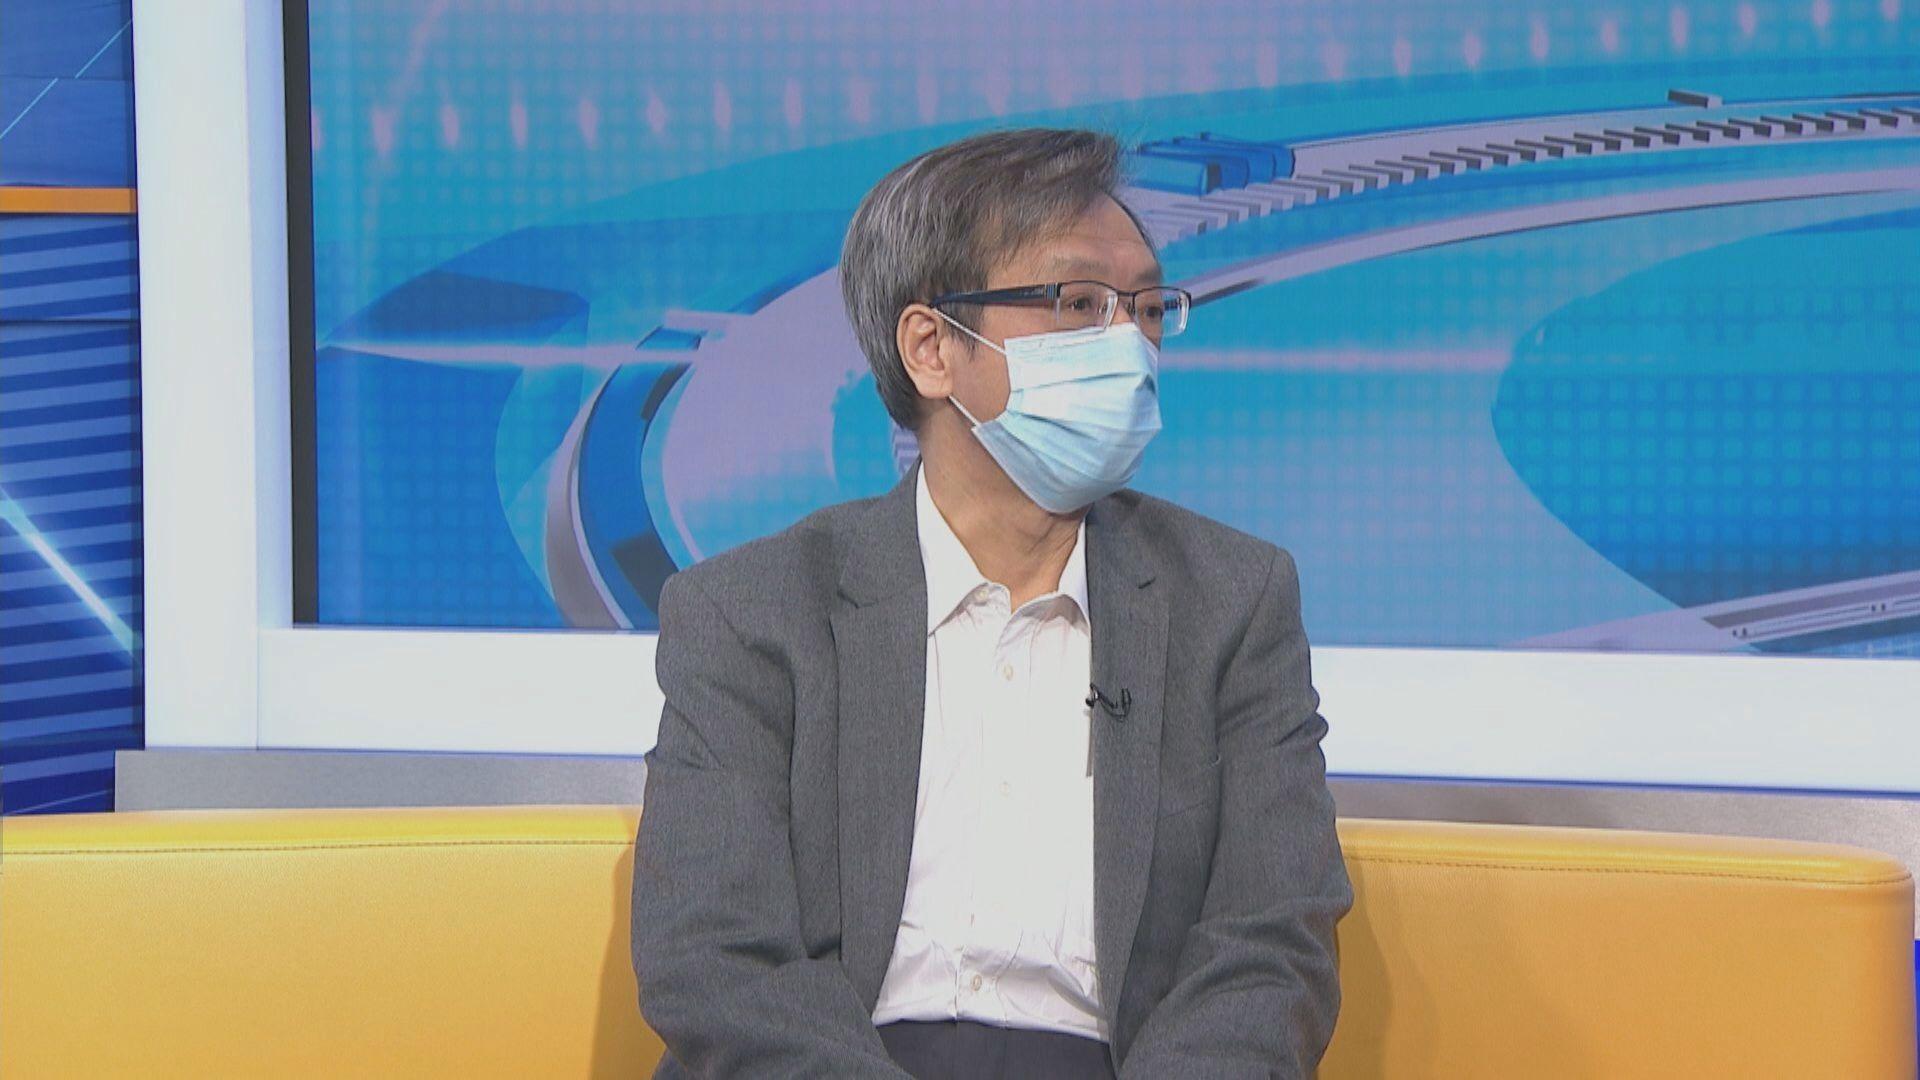 梁子超:等候病毒檢測結果需時長 令防疫措施功效大減